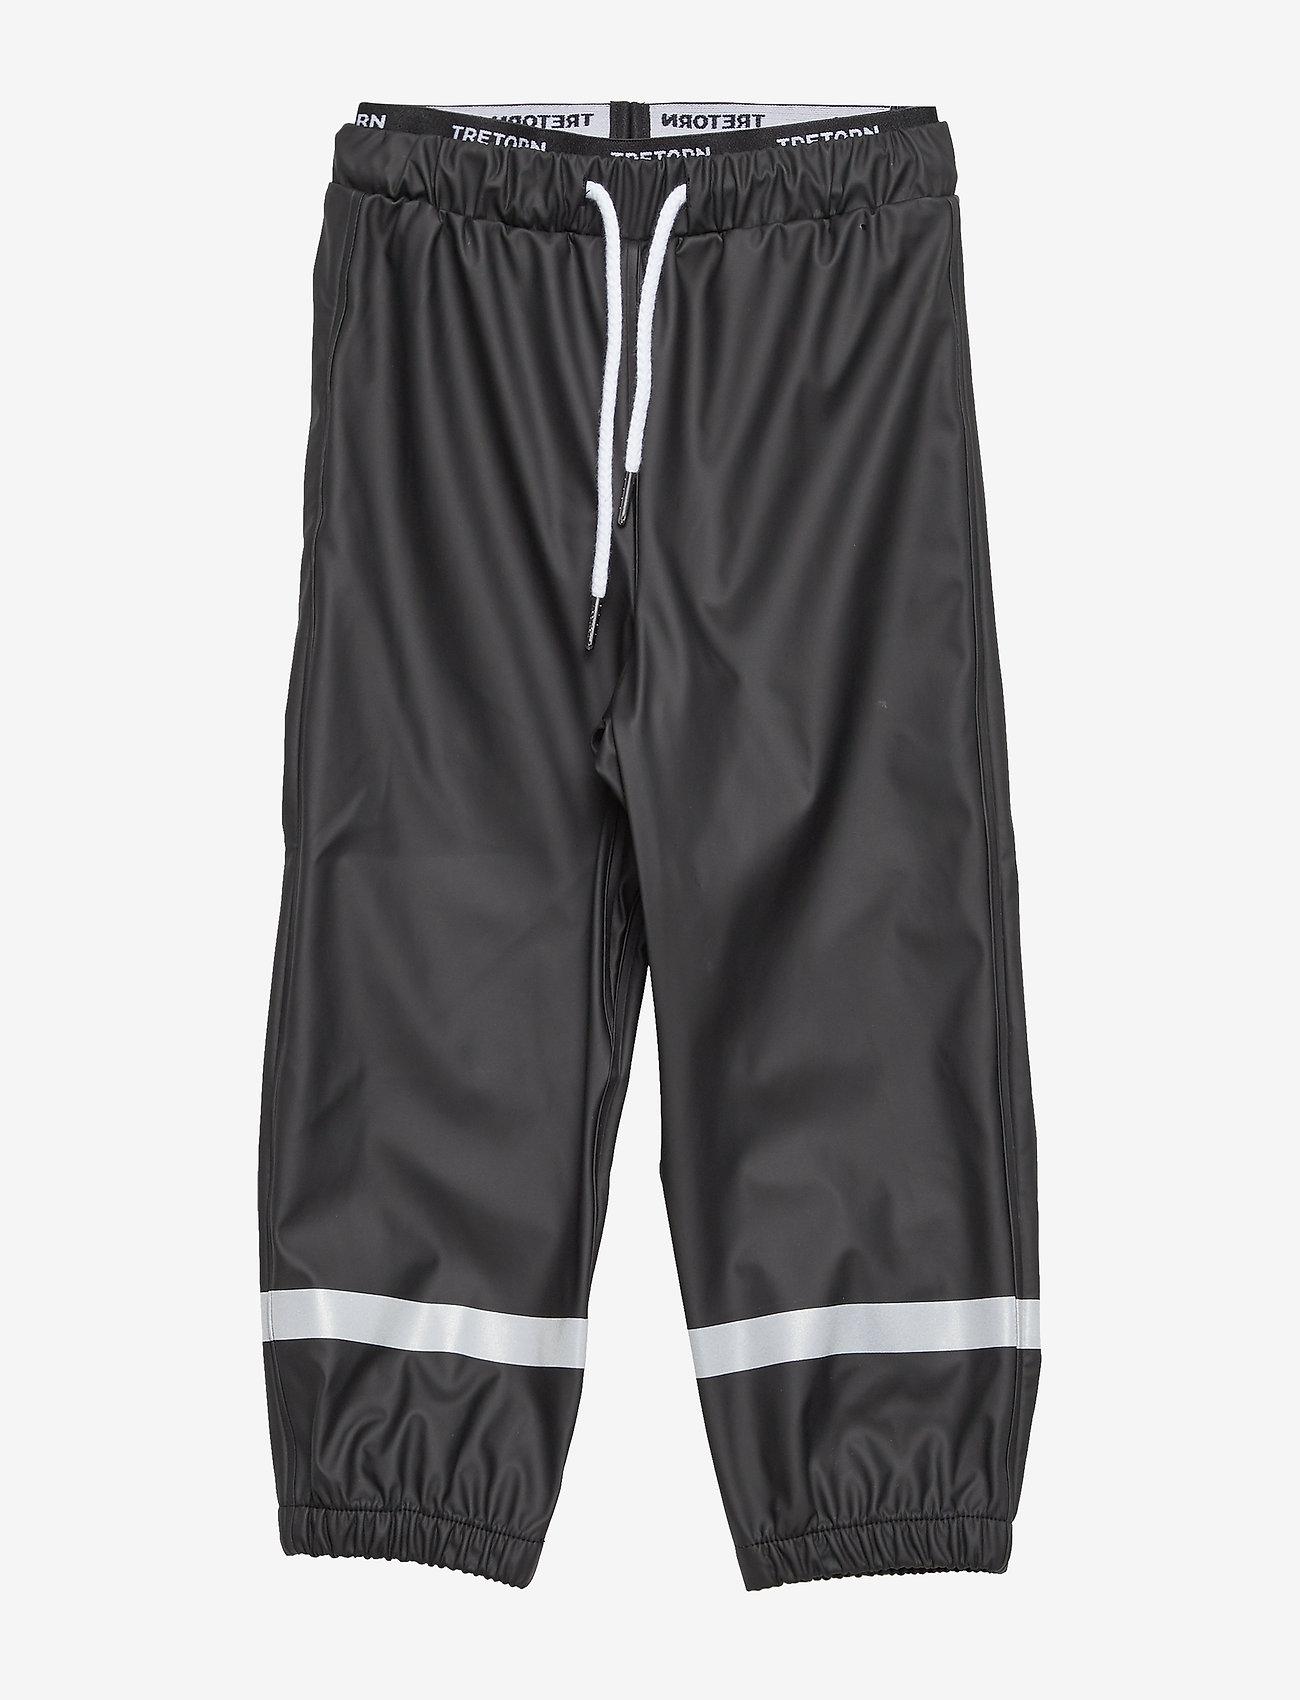 Tretorn - KIDS EXPLORER RAINPANTS - pantalons - 011/jet black - 0